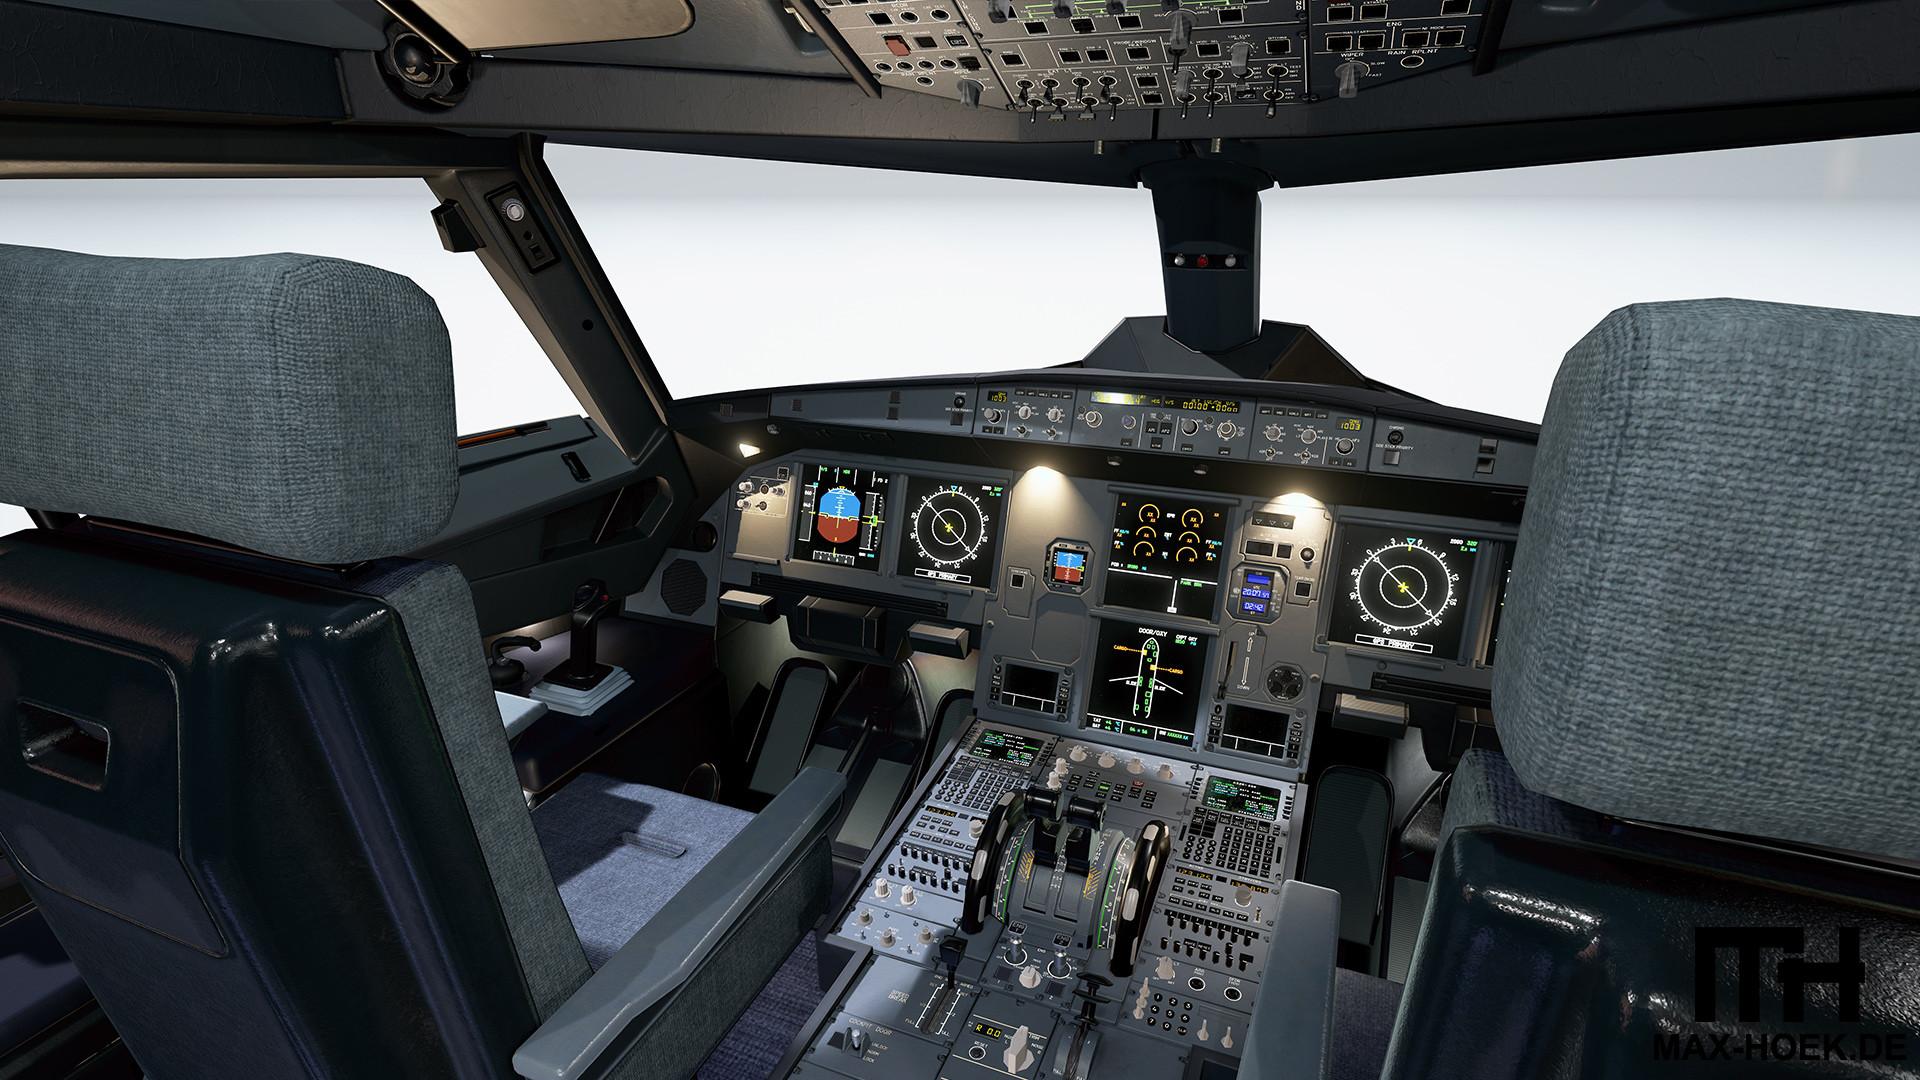 Max hoek vrairbusa320cockpit2